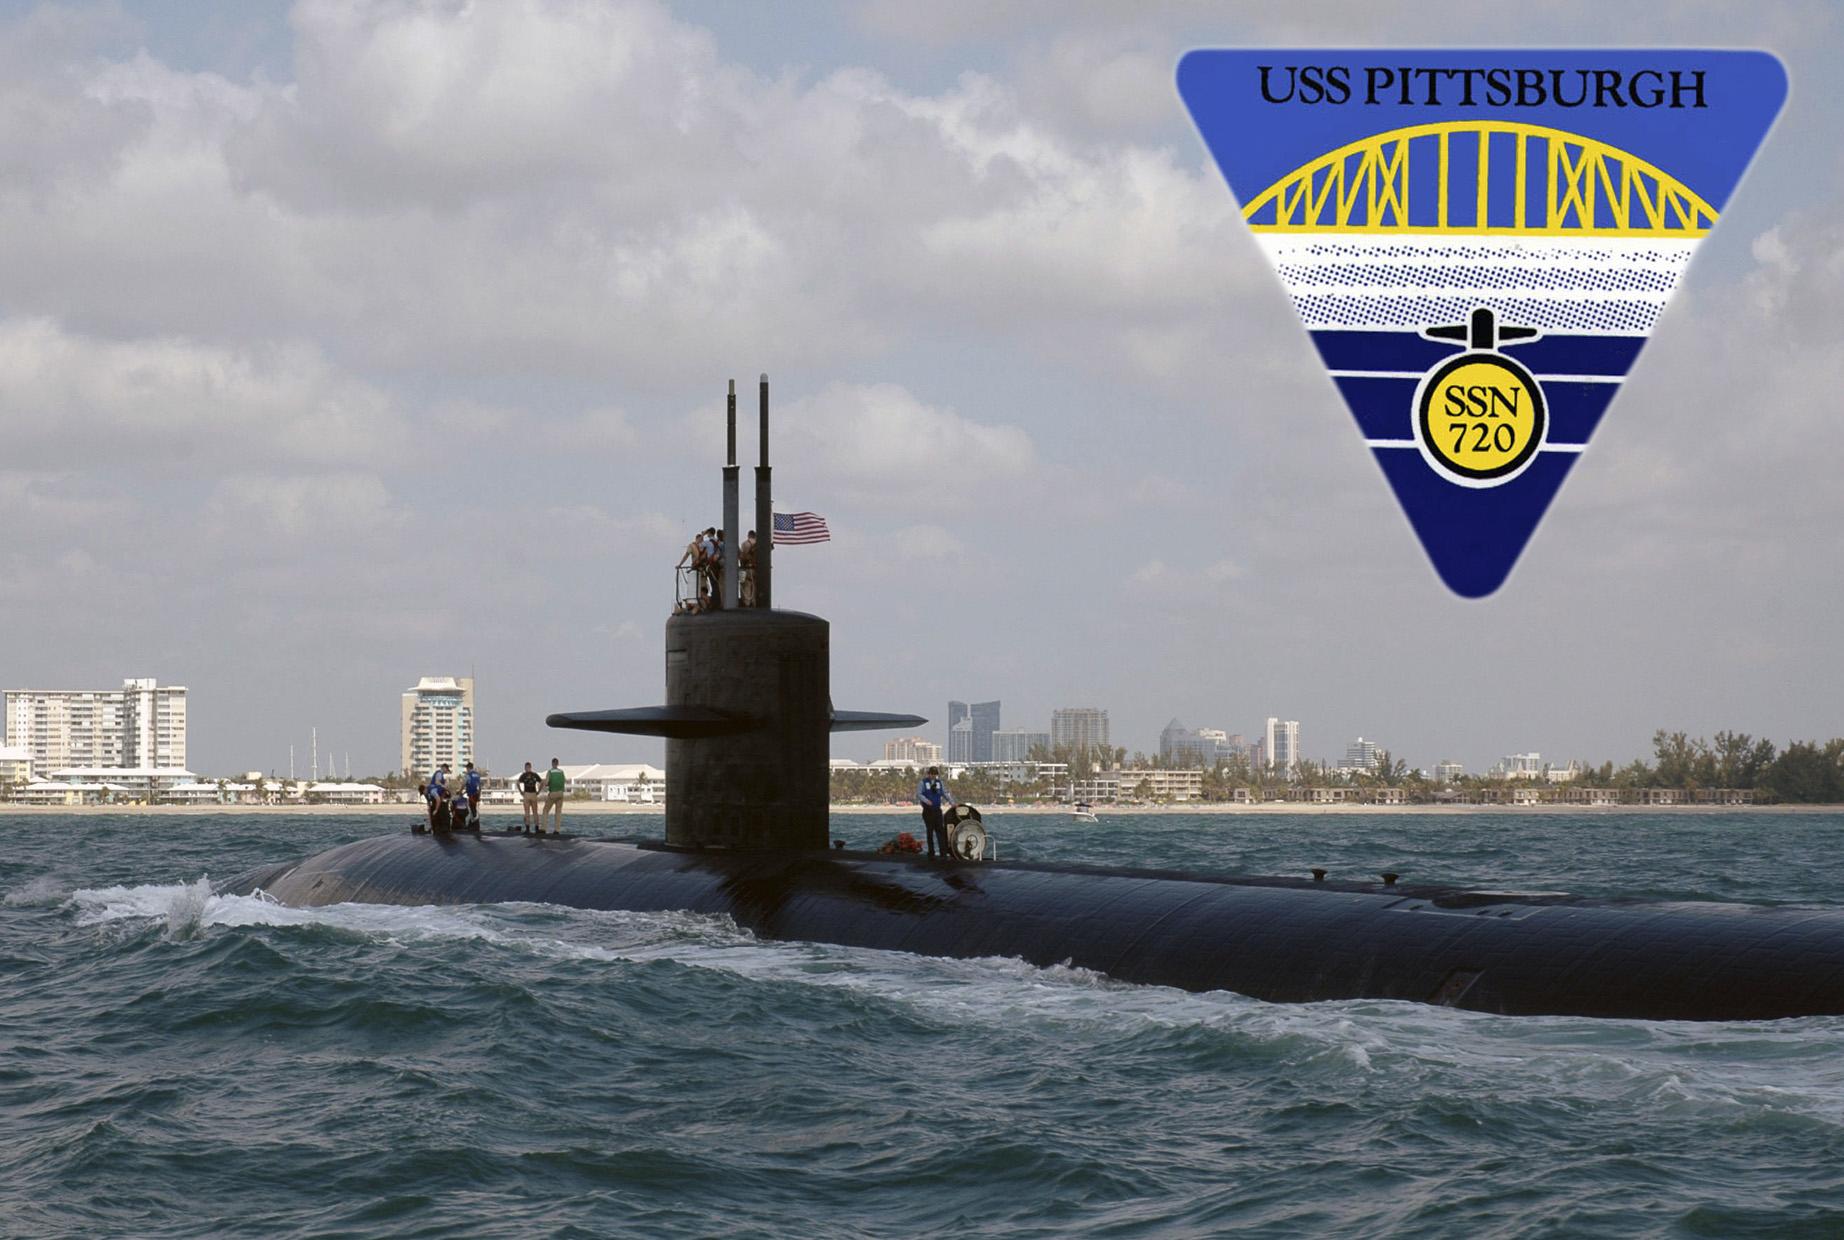 USS PITTSBURGH SSN-720 Bild und Grafik: U.S. Navy